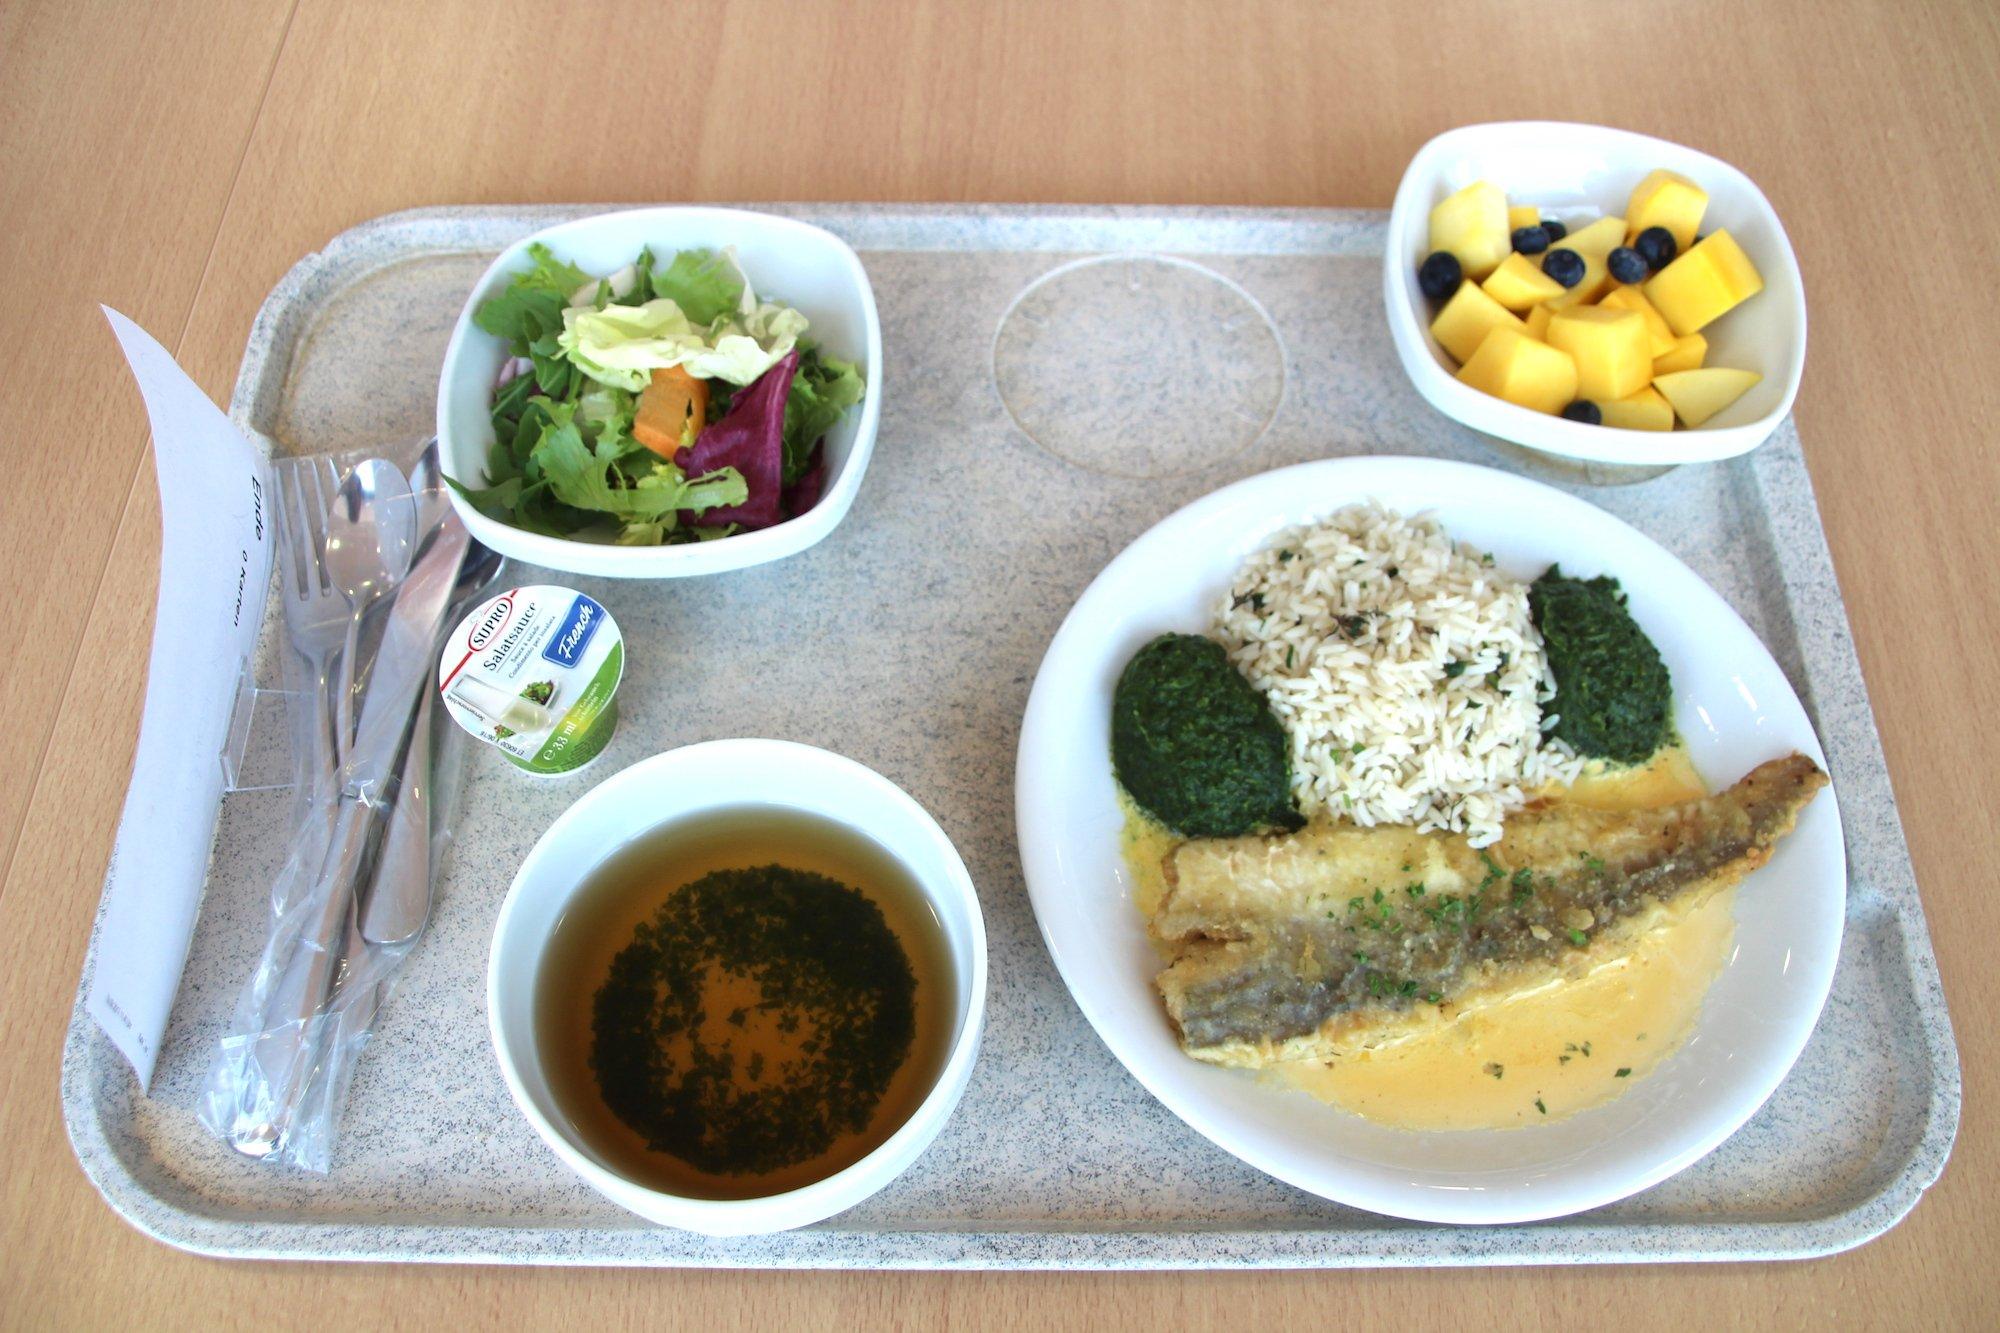 Sehr appetitlich: Gebratener Atlantik-Meerhecht mit Kräuterreis und Spinat, Salat und Mango-Dessert.